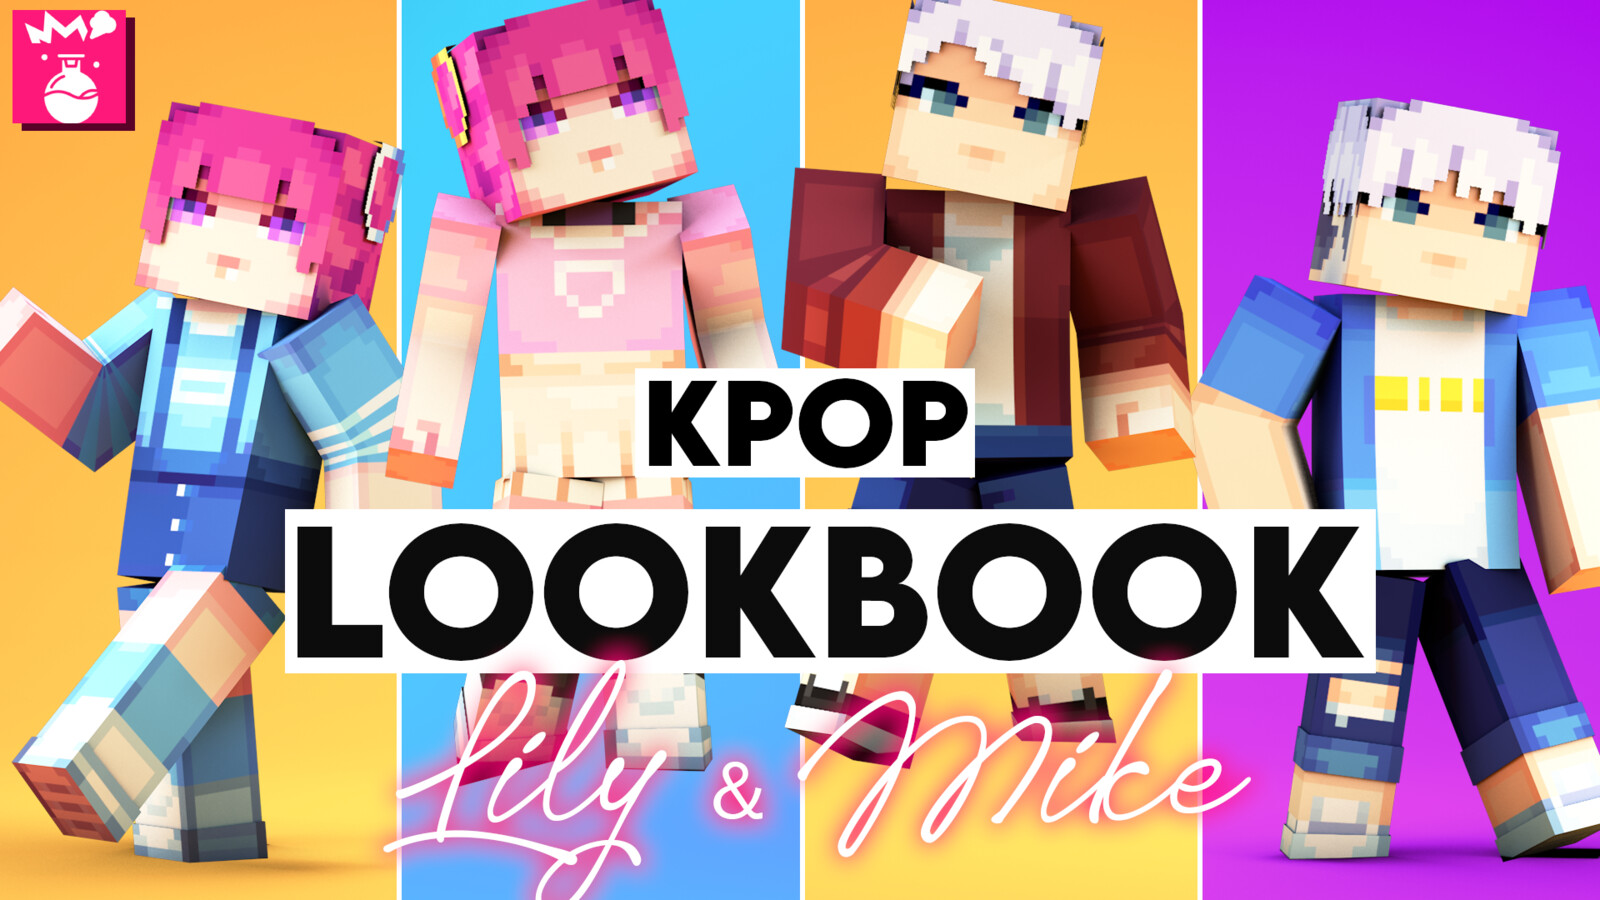 KPOP LookBook: Lily & Mike HD [Skin Pack]